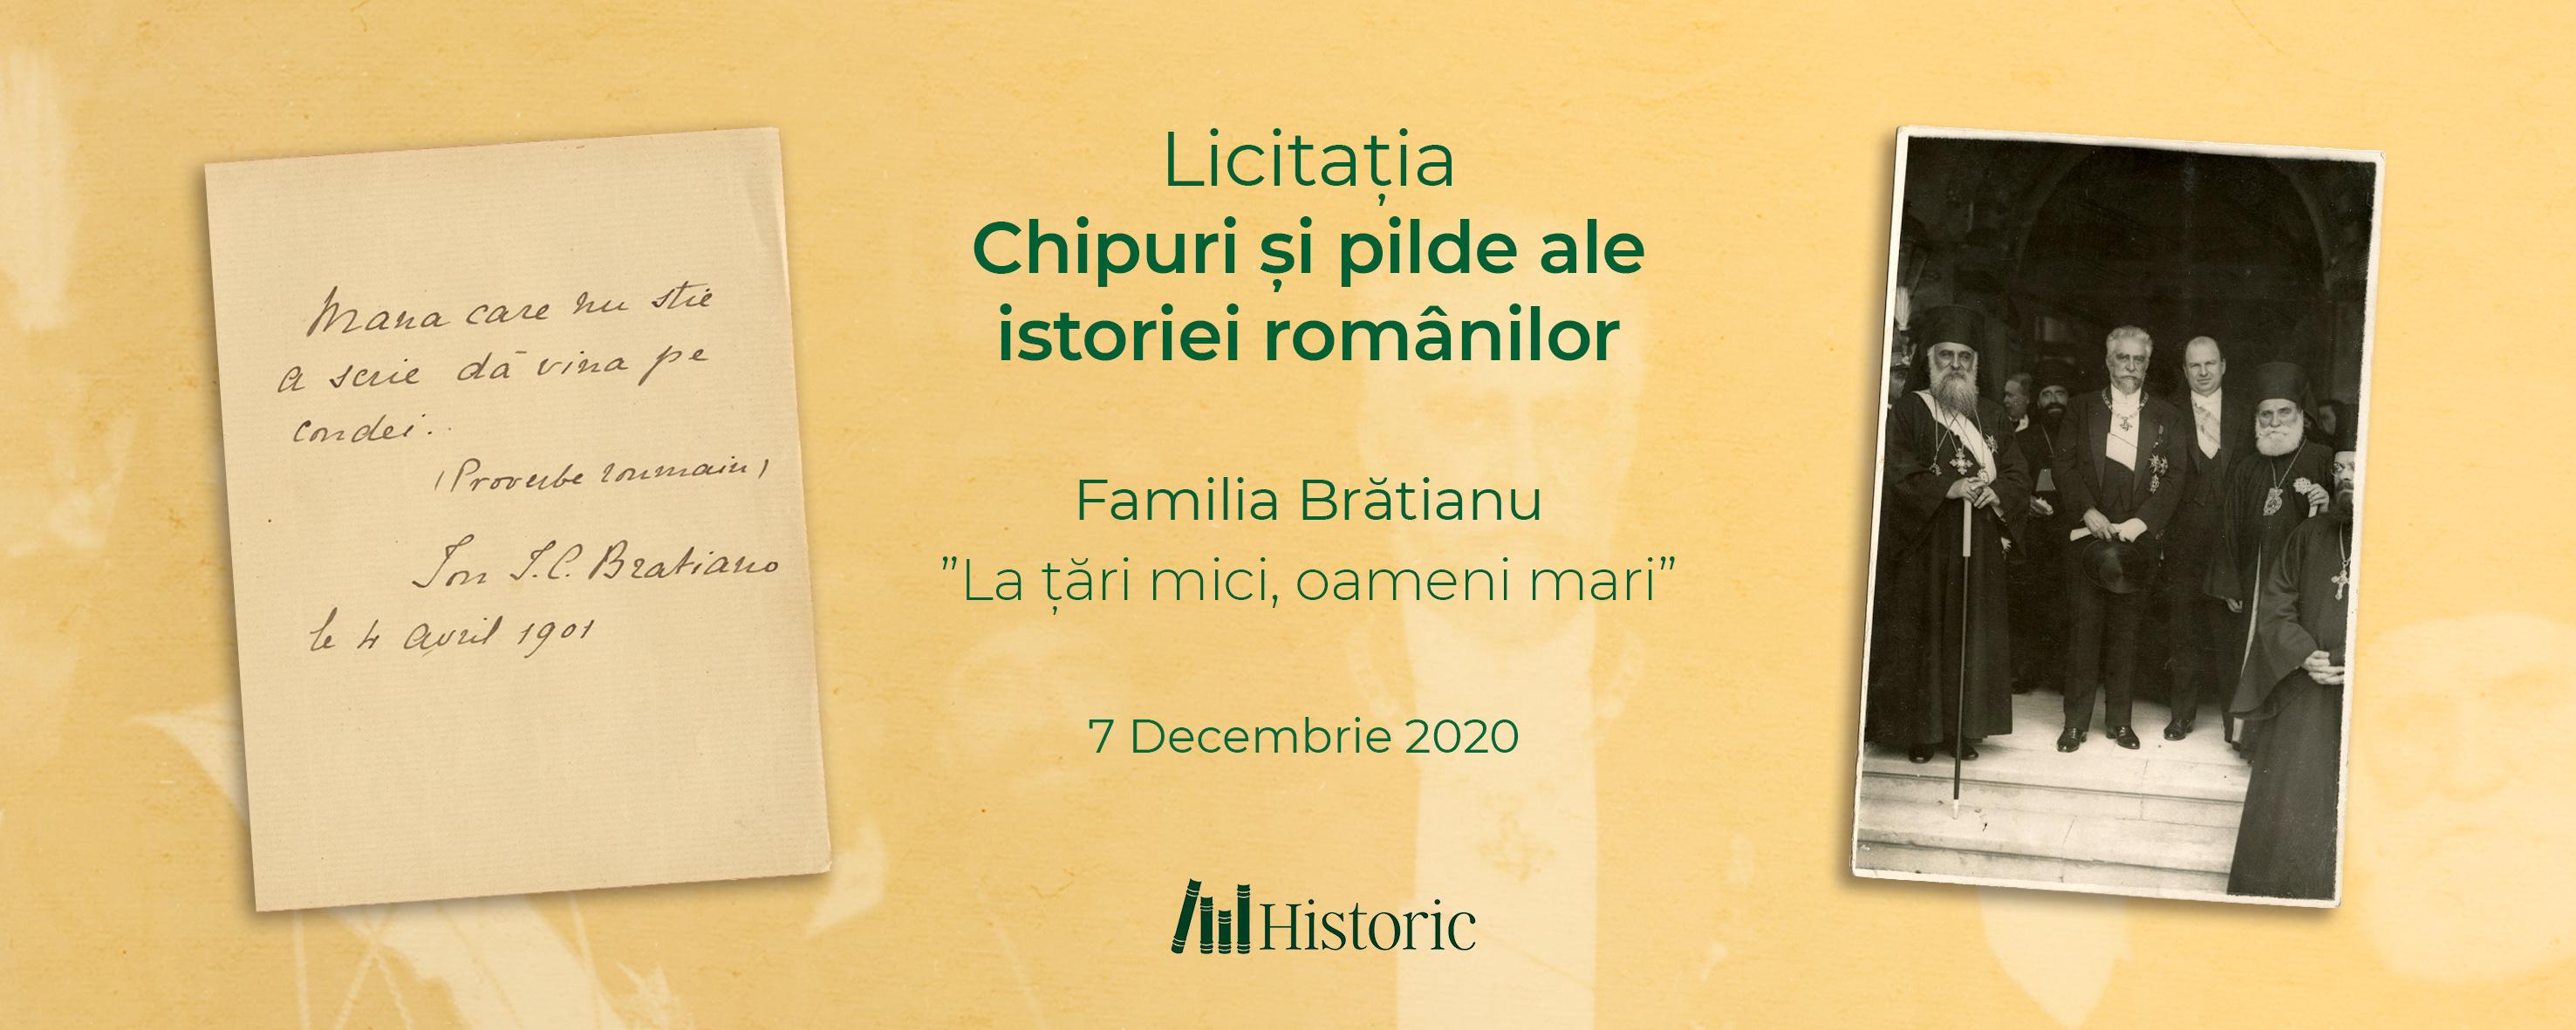 """Licitația Chipuri și pilde ale istoriei românilor - Familia Brătianu """"La țări mici, oameni mari"""""""